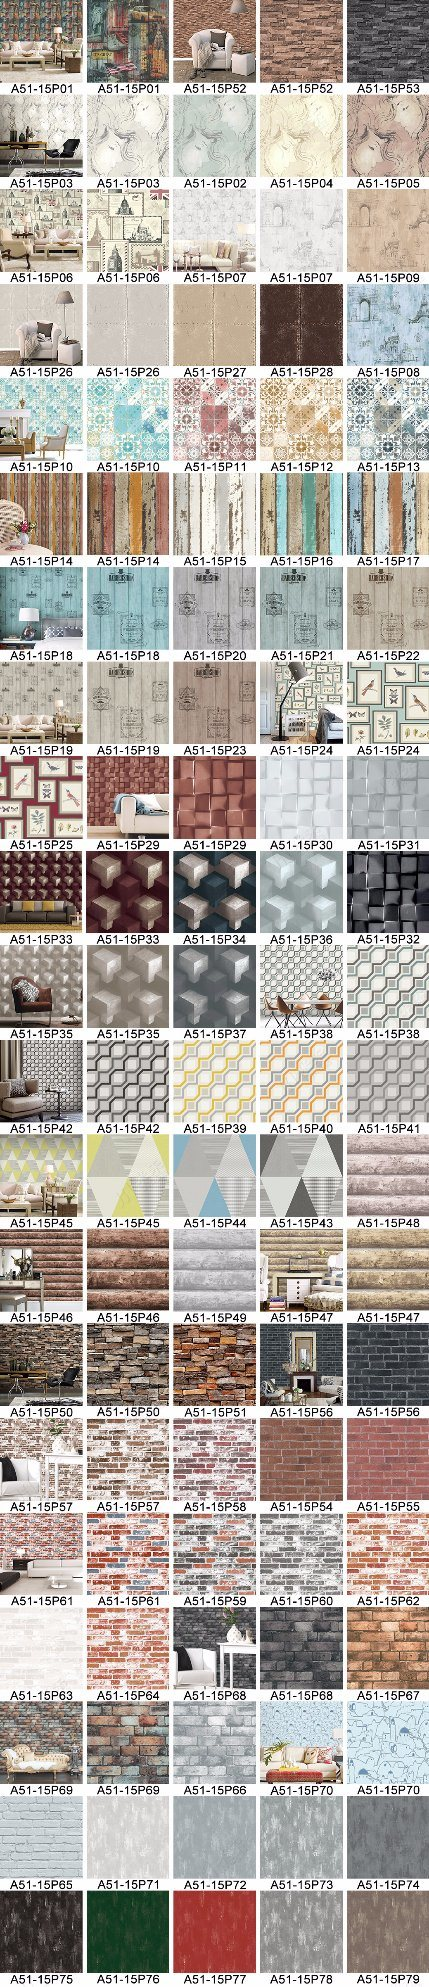 Alle Produkte zur Verfügung gestellt vonGuangzhou Myhome Wallpaper ...